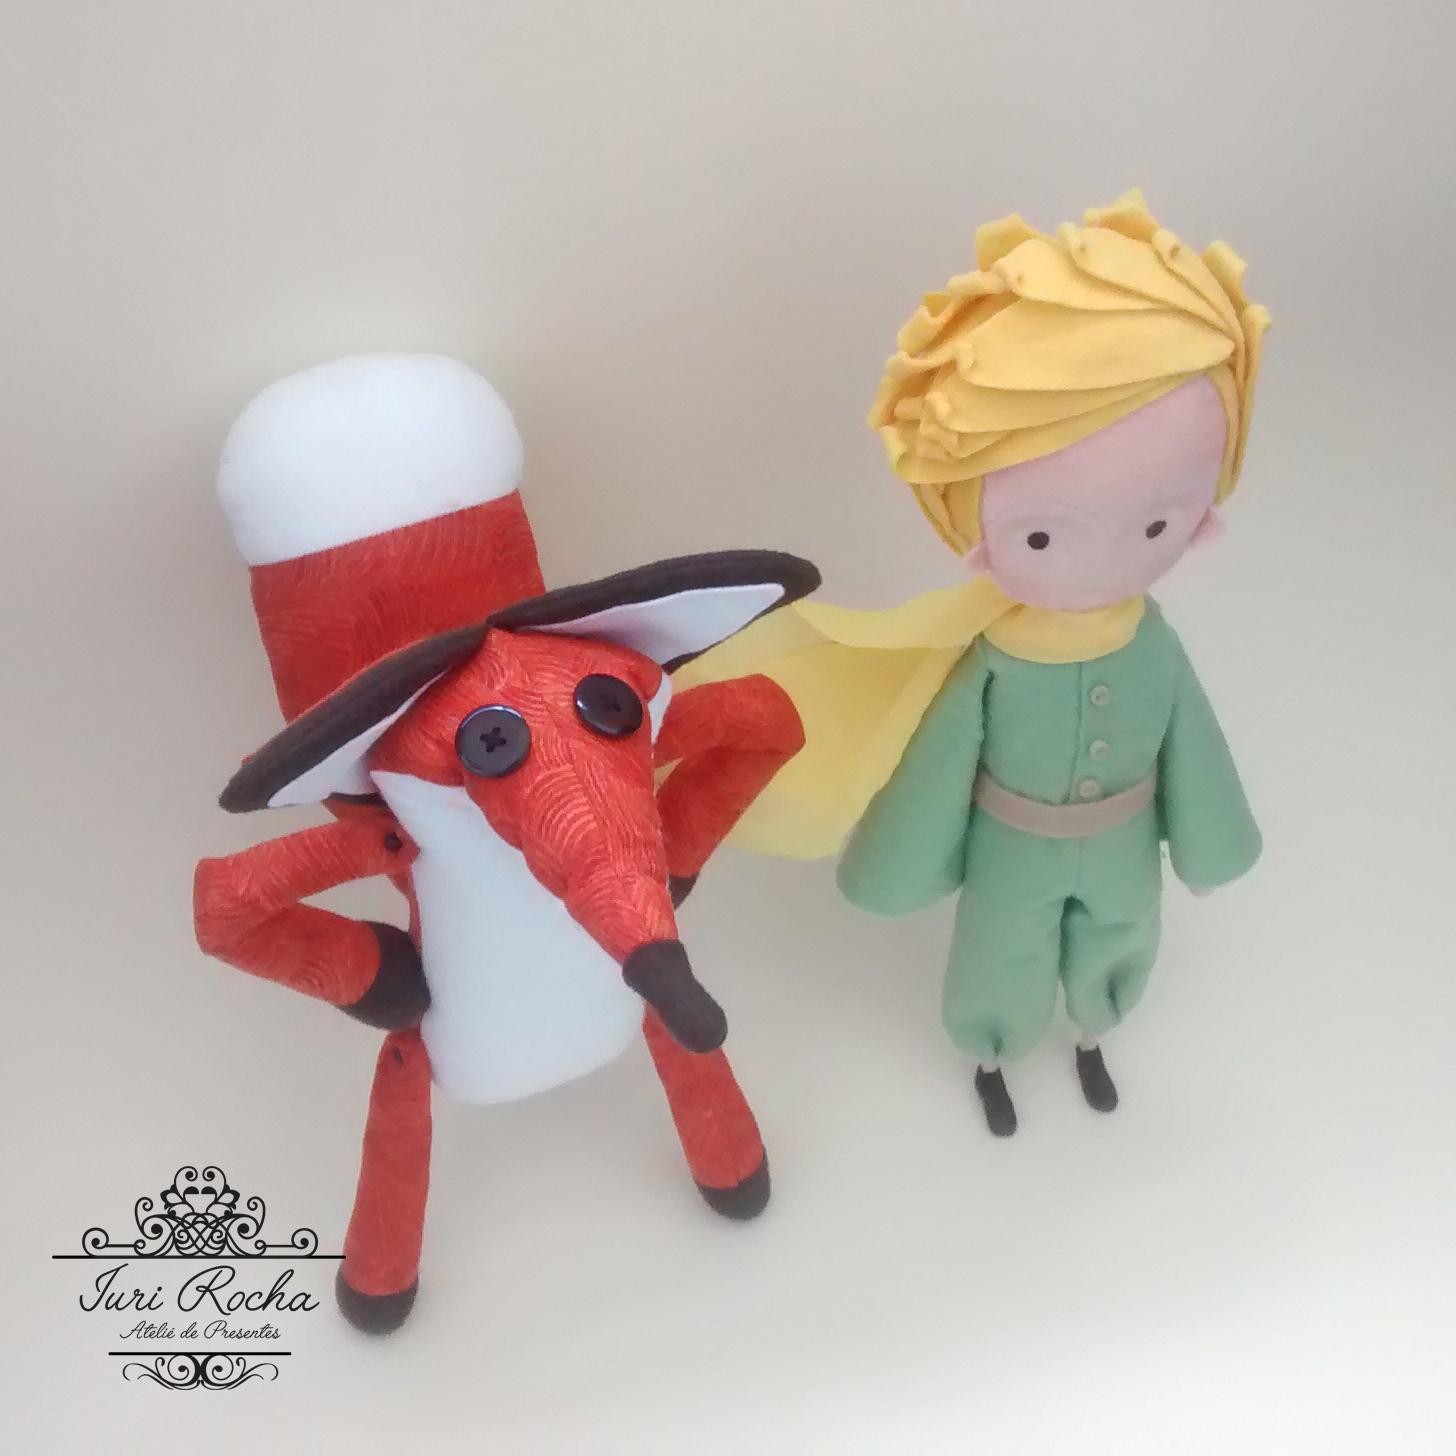 Filme O Pequeno Principe 2015 intended for dupla o pequeno príncipe + sr. raposa   iuri rocha - ateliê de